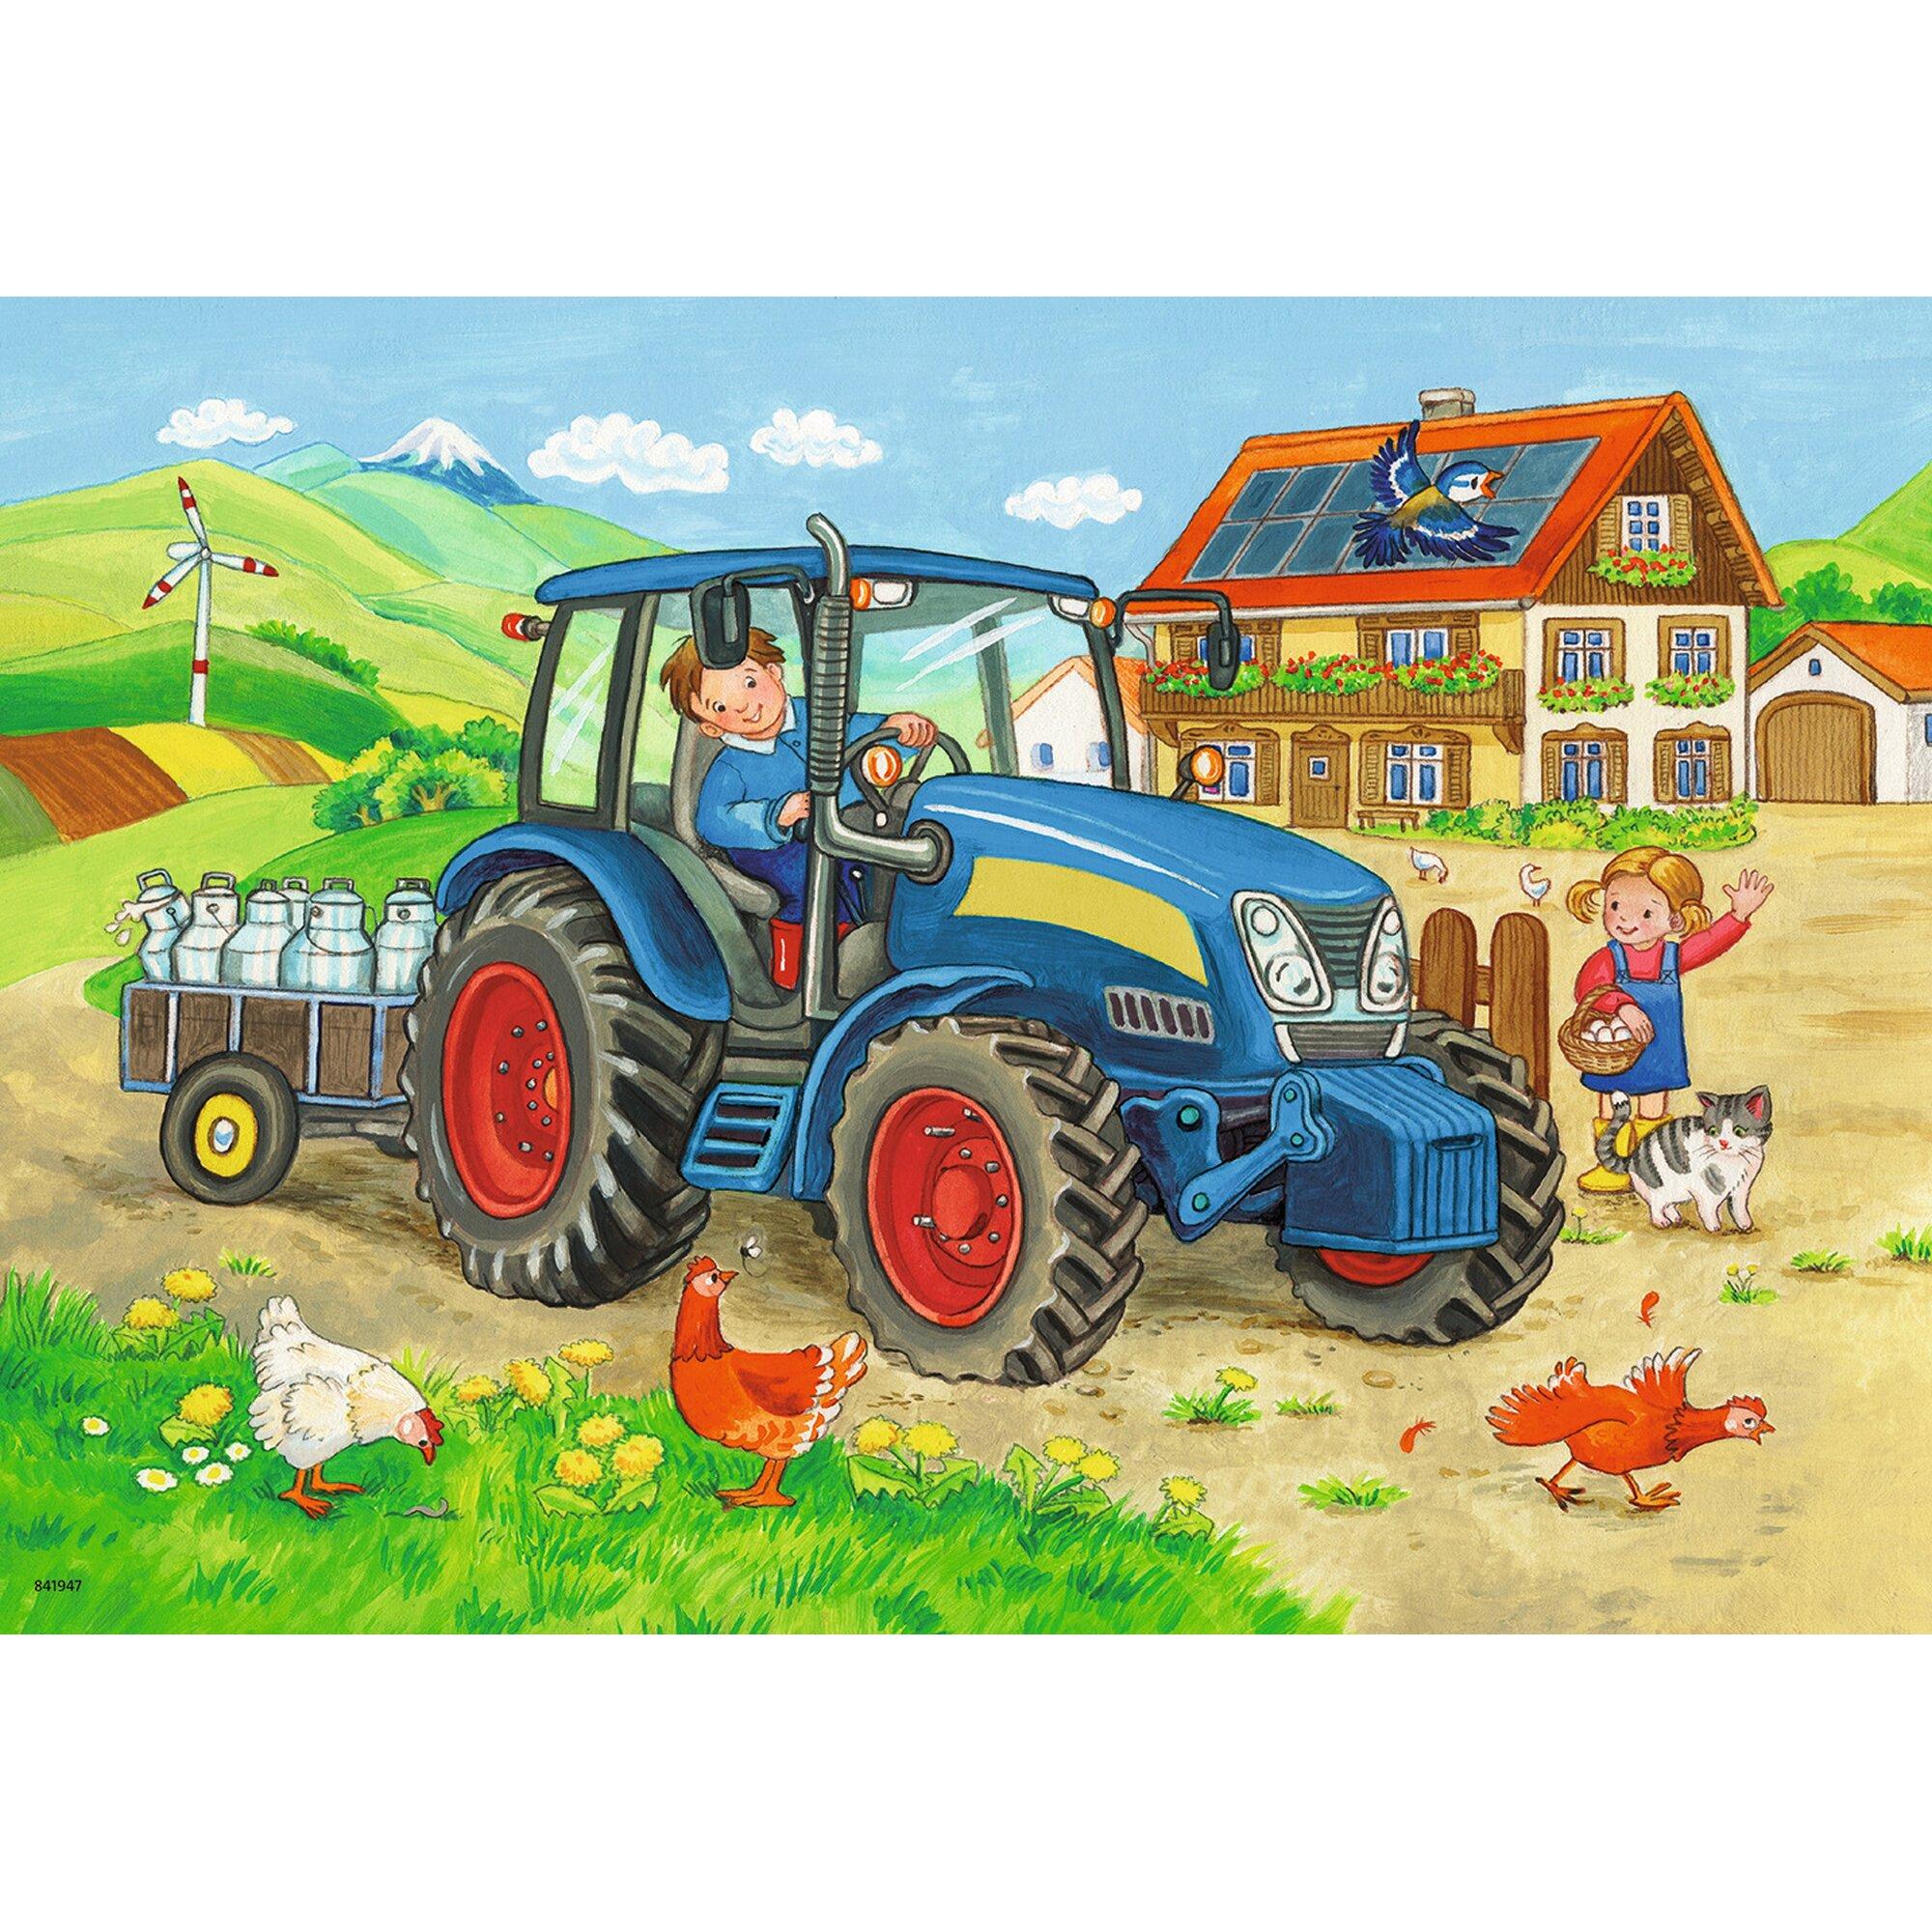 ravensburger-zwei-kinderpuzzles-inkl-mini-postern-12-teile-baustelle-und-bauernhof, 9.99 EUR @ babywalz-de